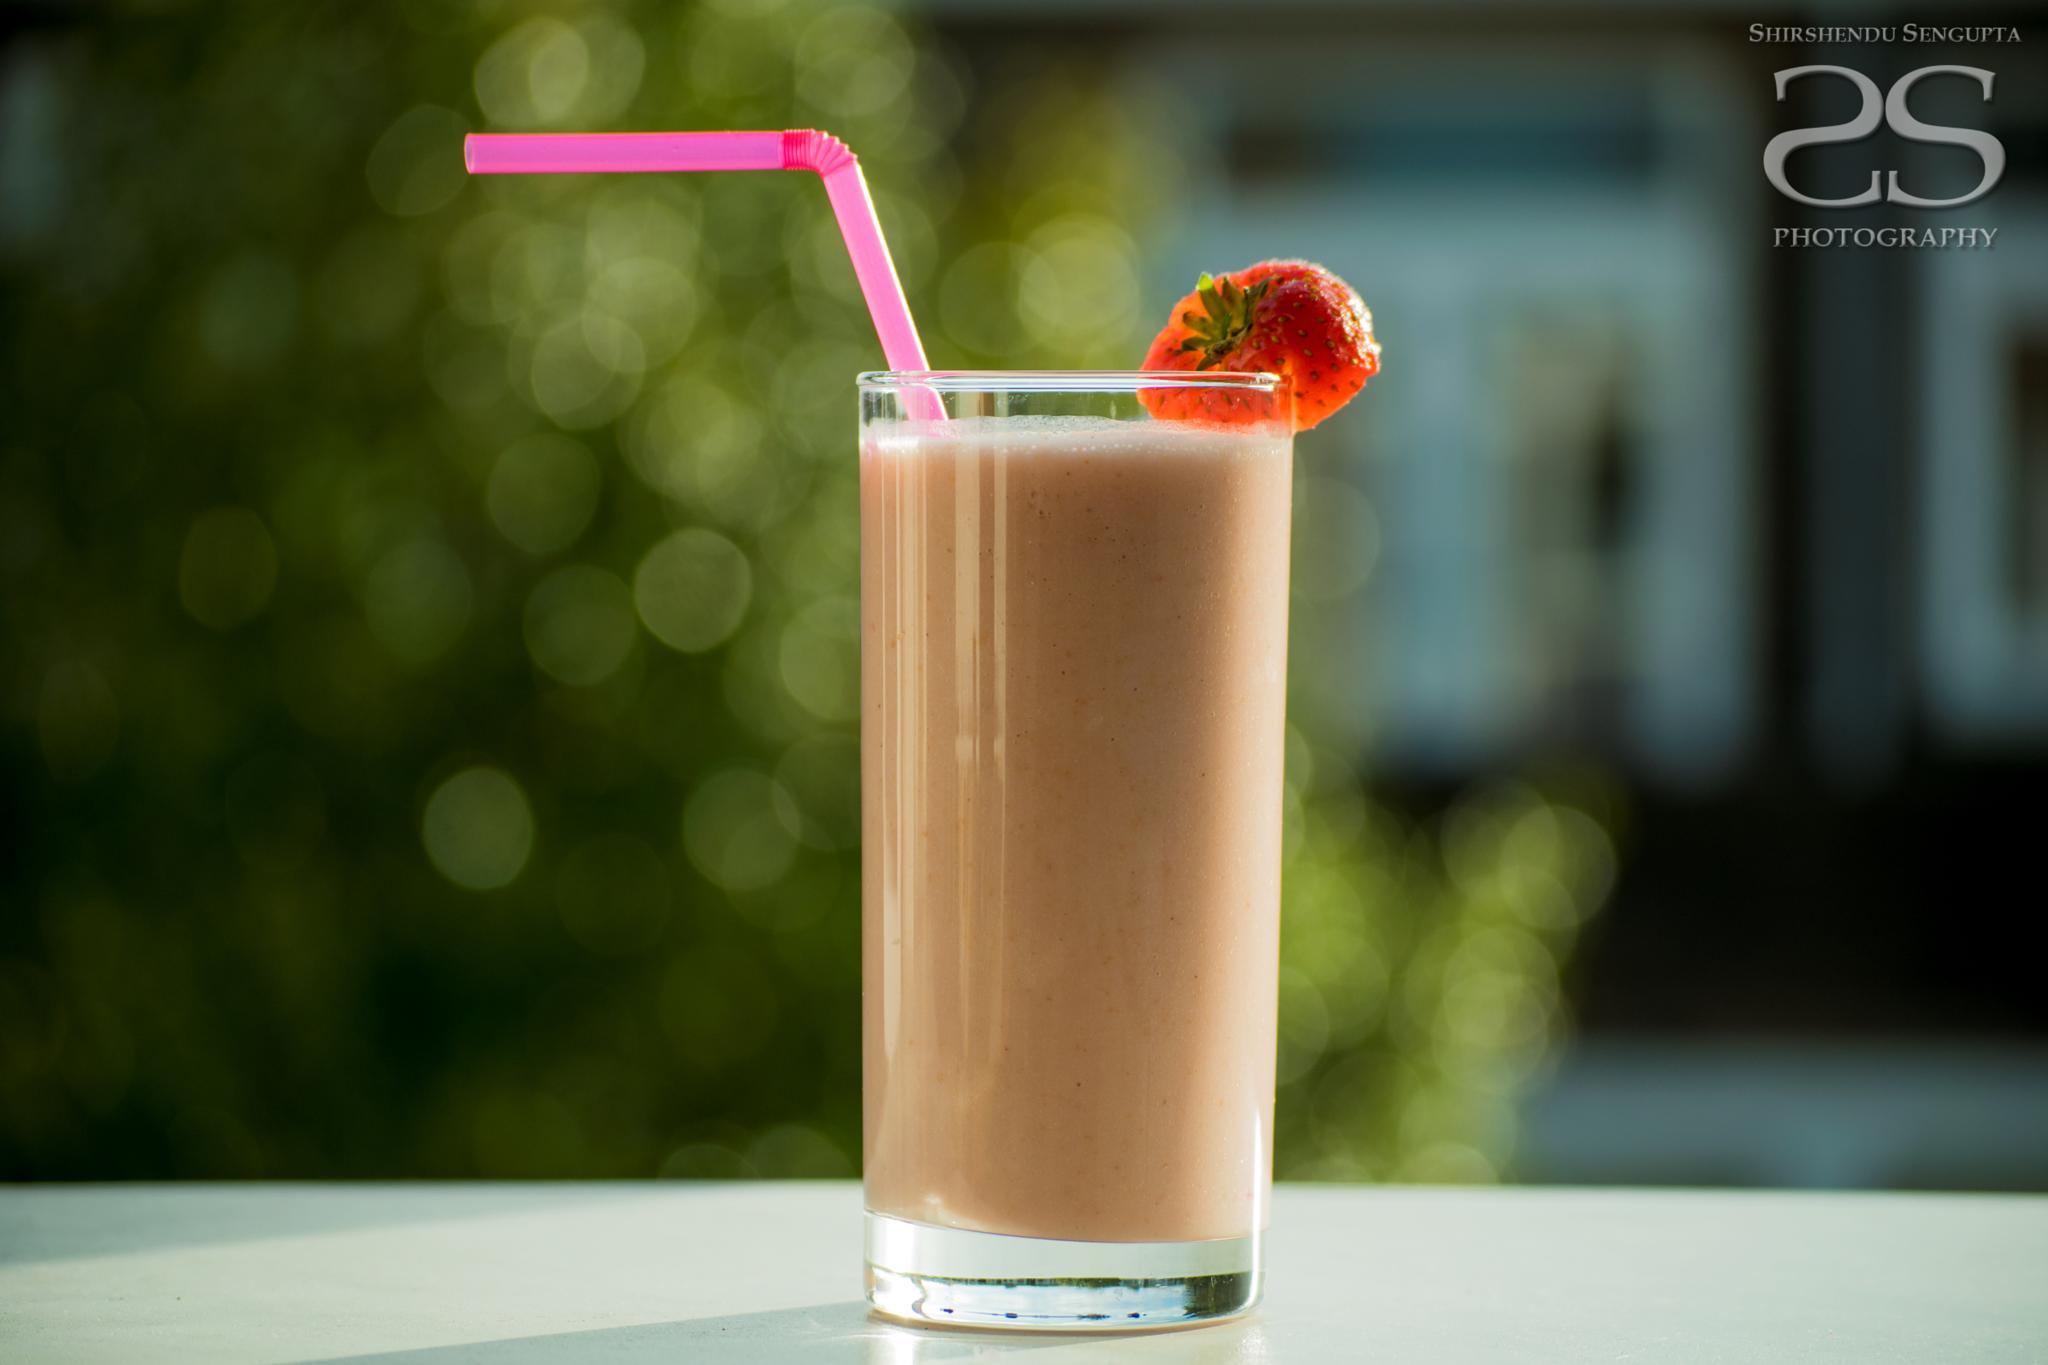 Bokeh-ed with Strawberry Smoothie by shirshendu.sengupta.9